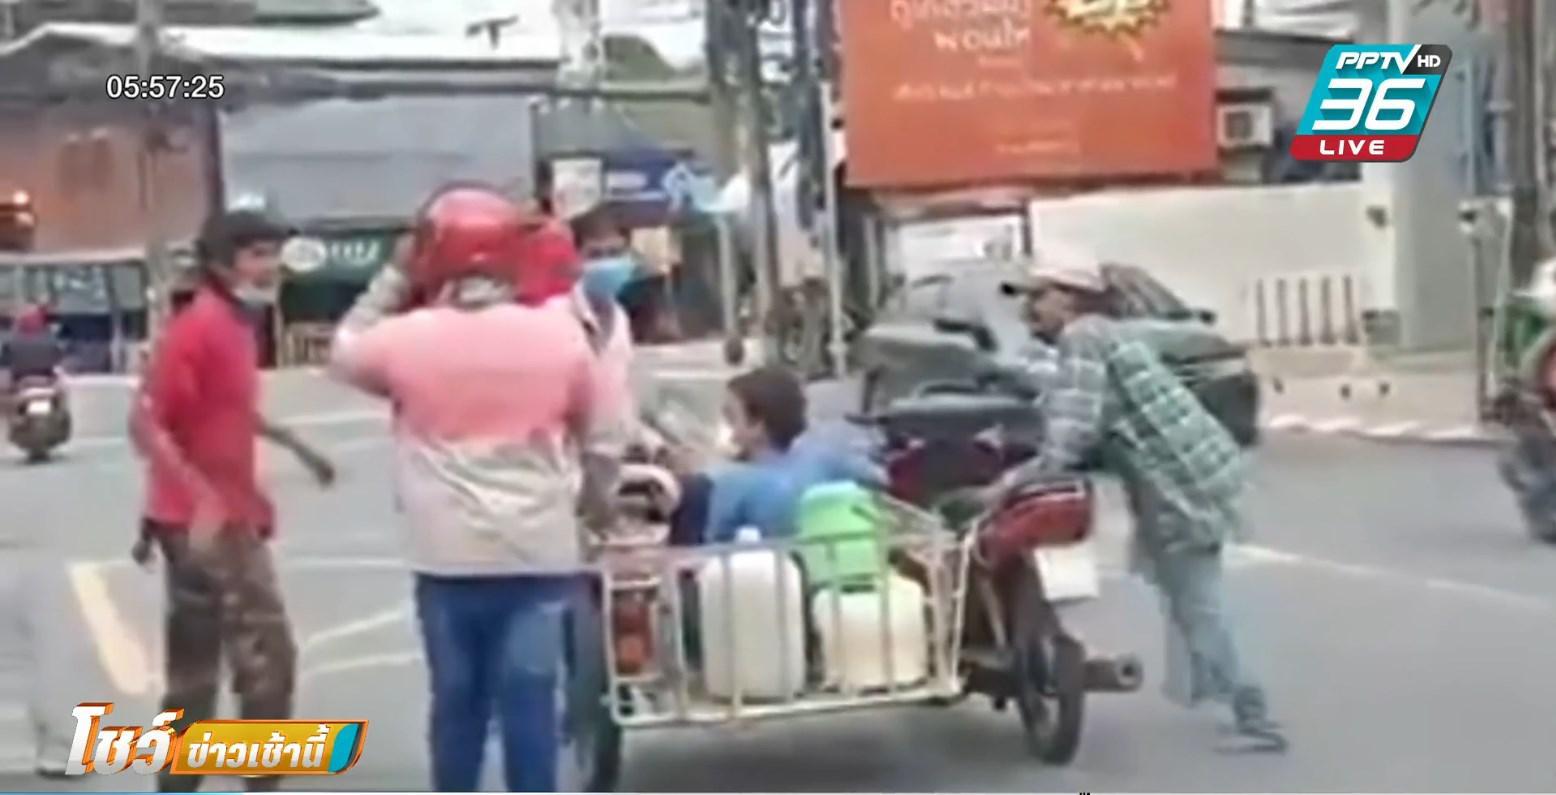 ชายฉกรรจ์ รุมทำร้ายหนุ่มส่งอาหาร หลังไม่พอใจขี่รถเฉี่ยว